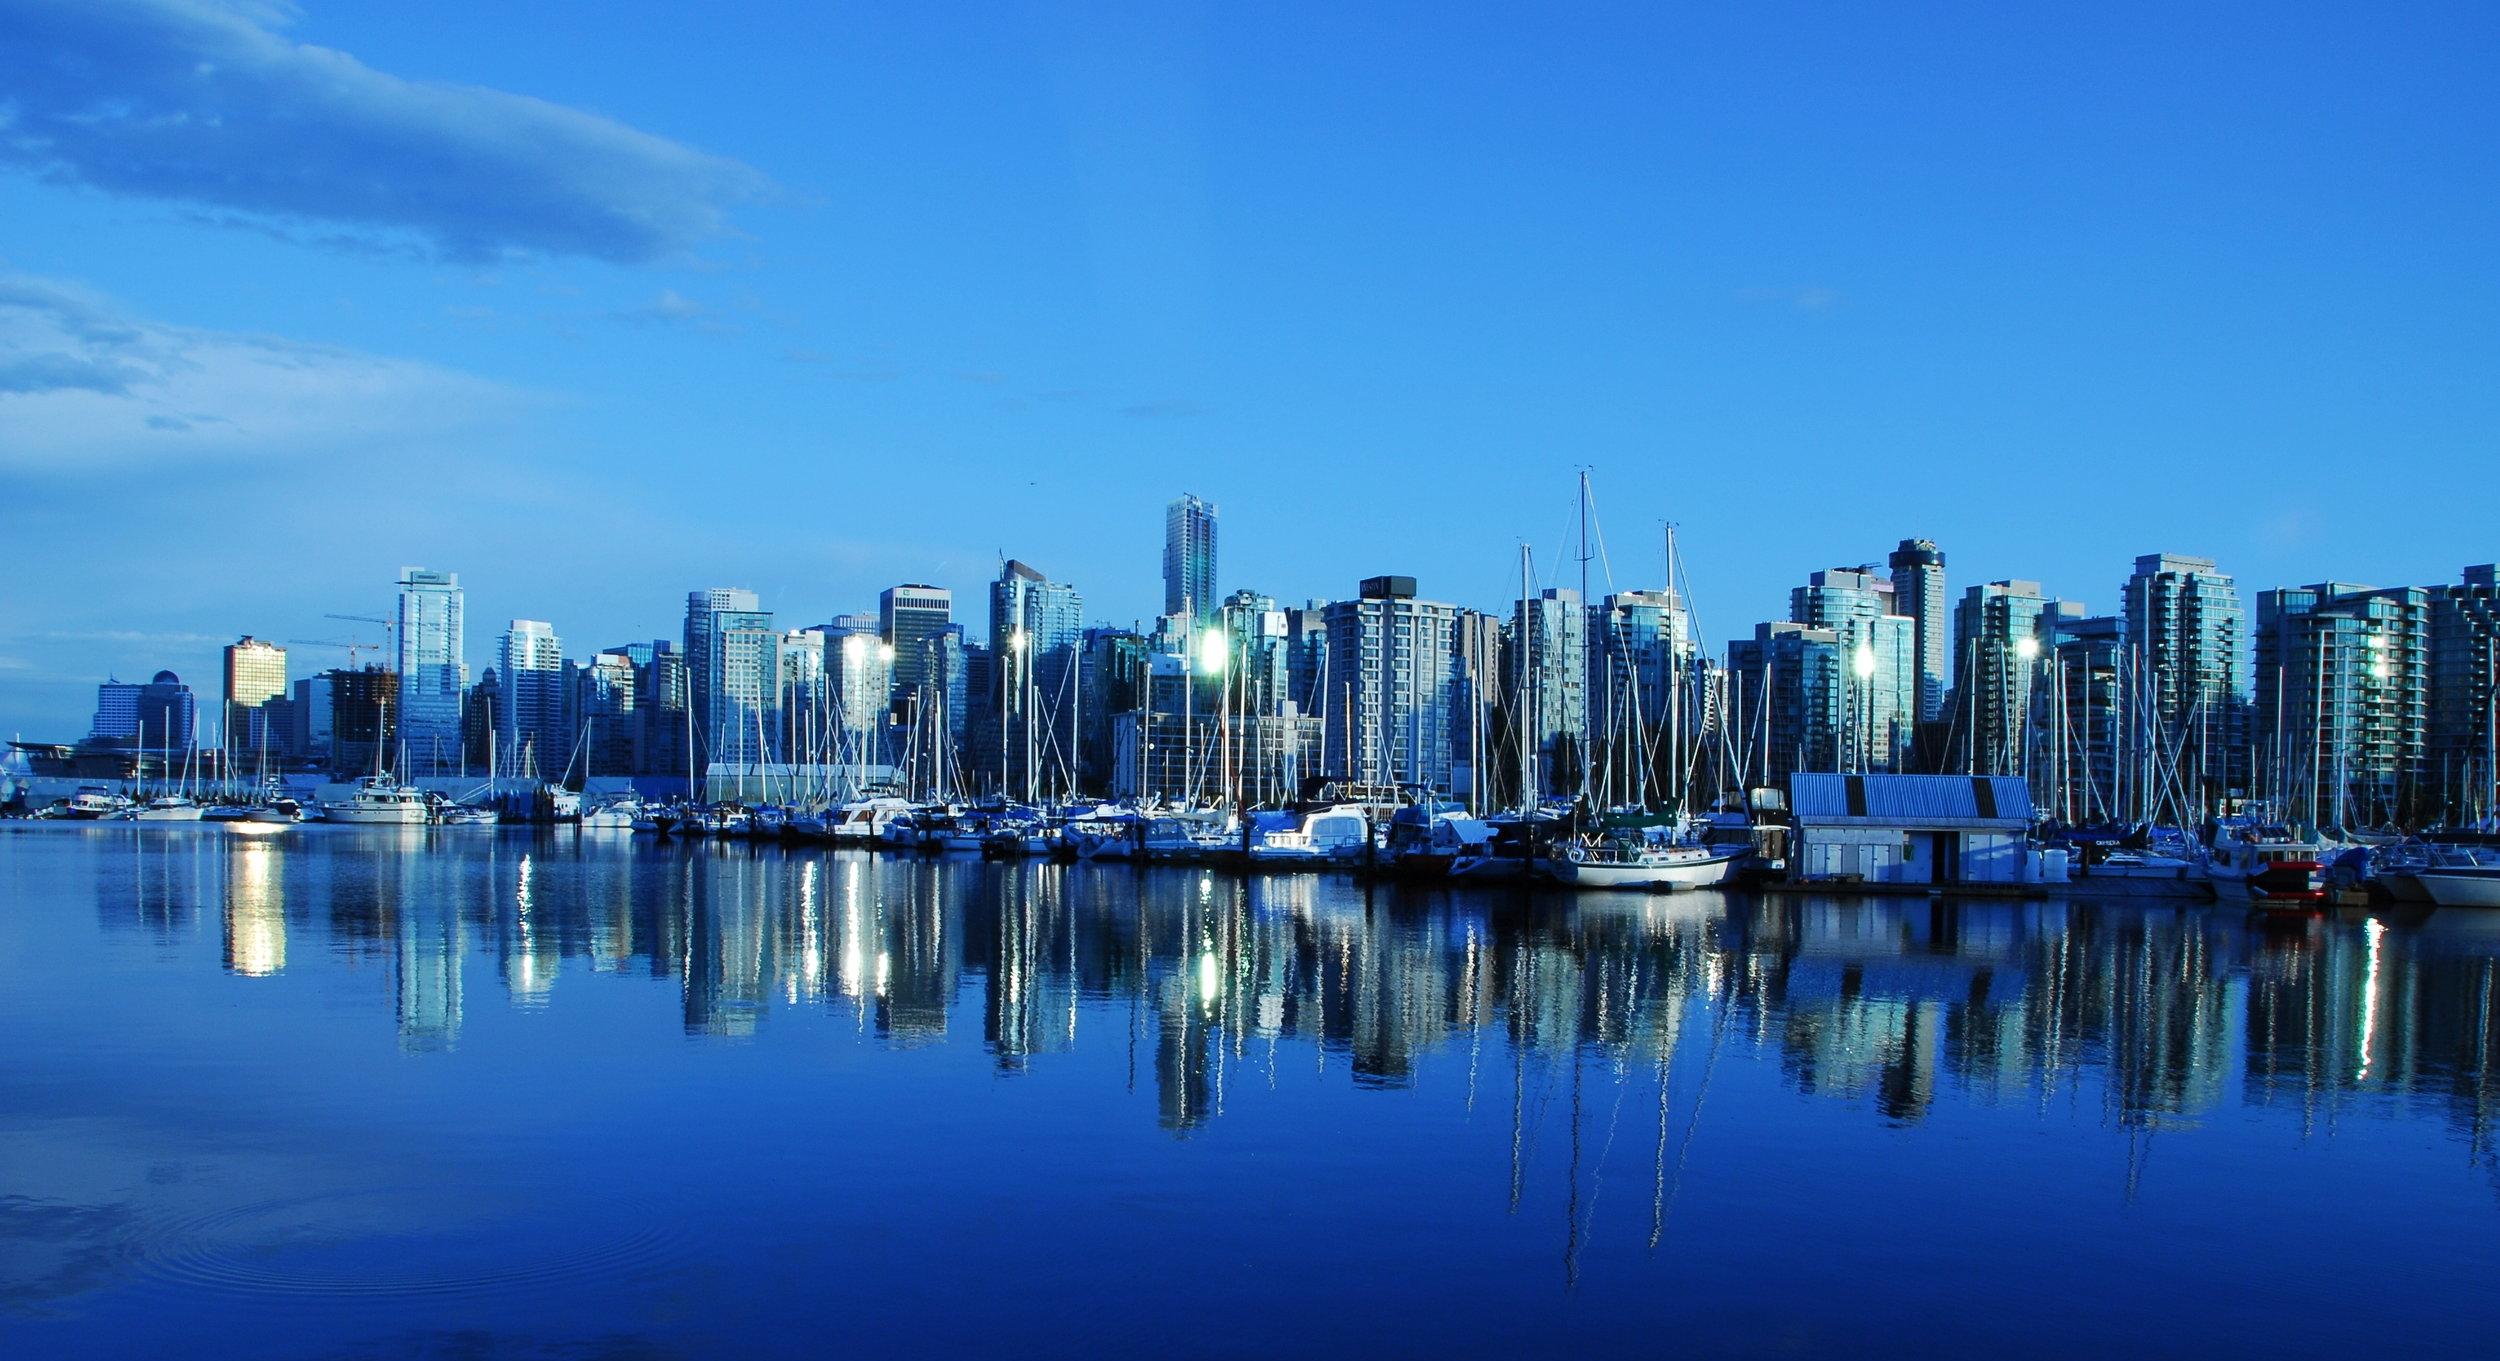 Vancouver_City_Night_2_by_ajithrajeswari.jpg